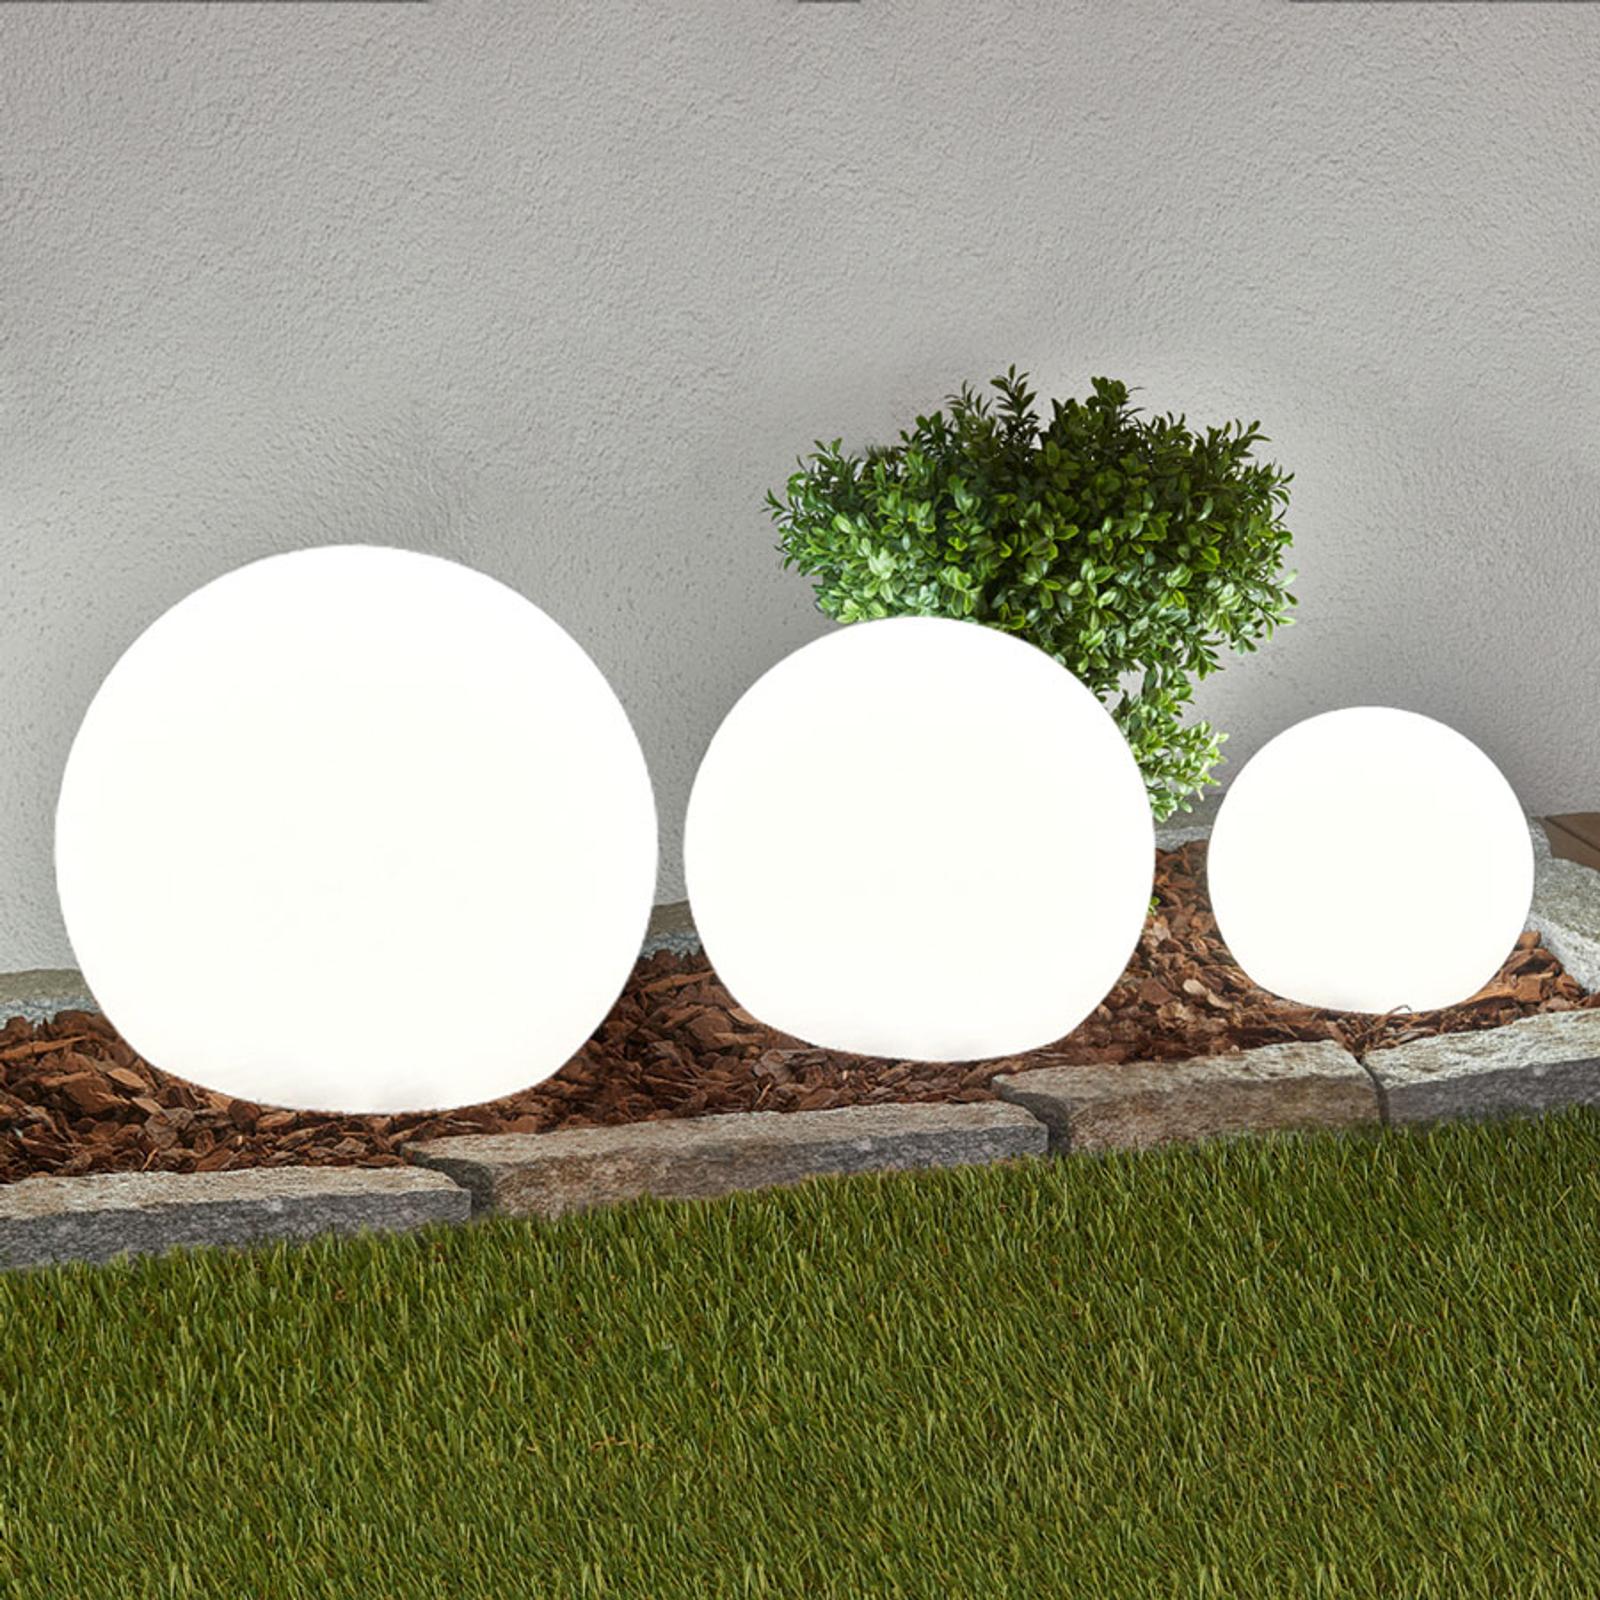 Lampes solaires LED par 3 Lago, sphères